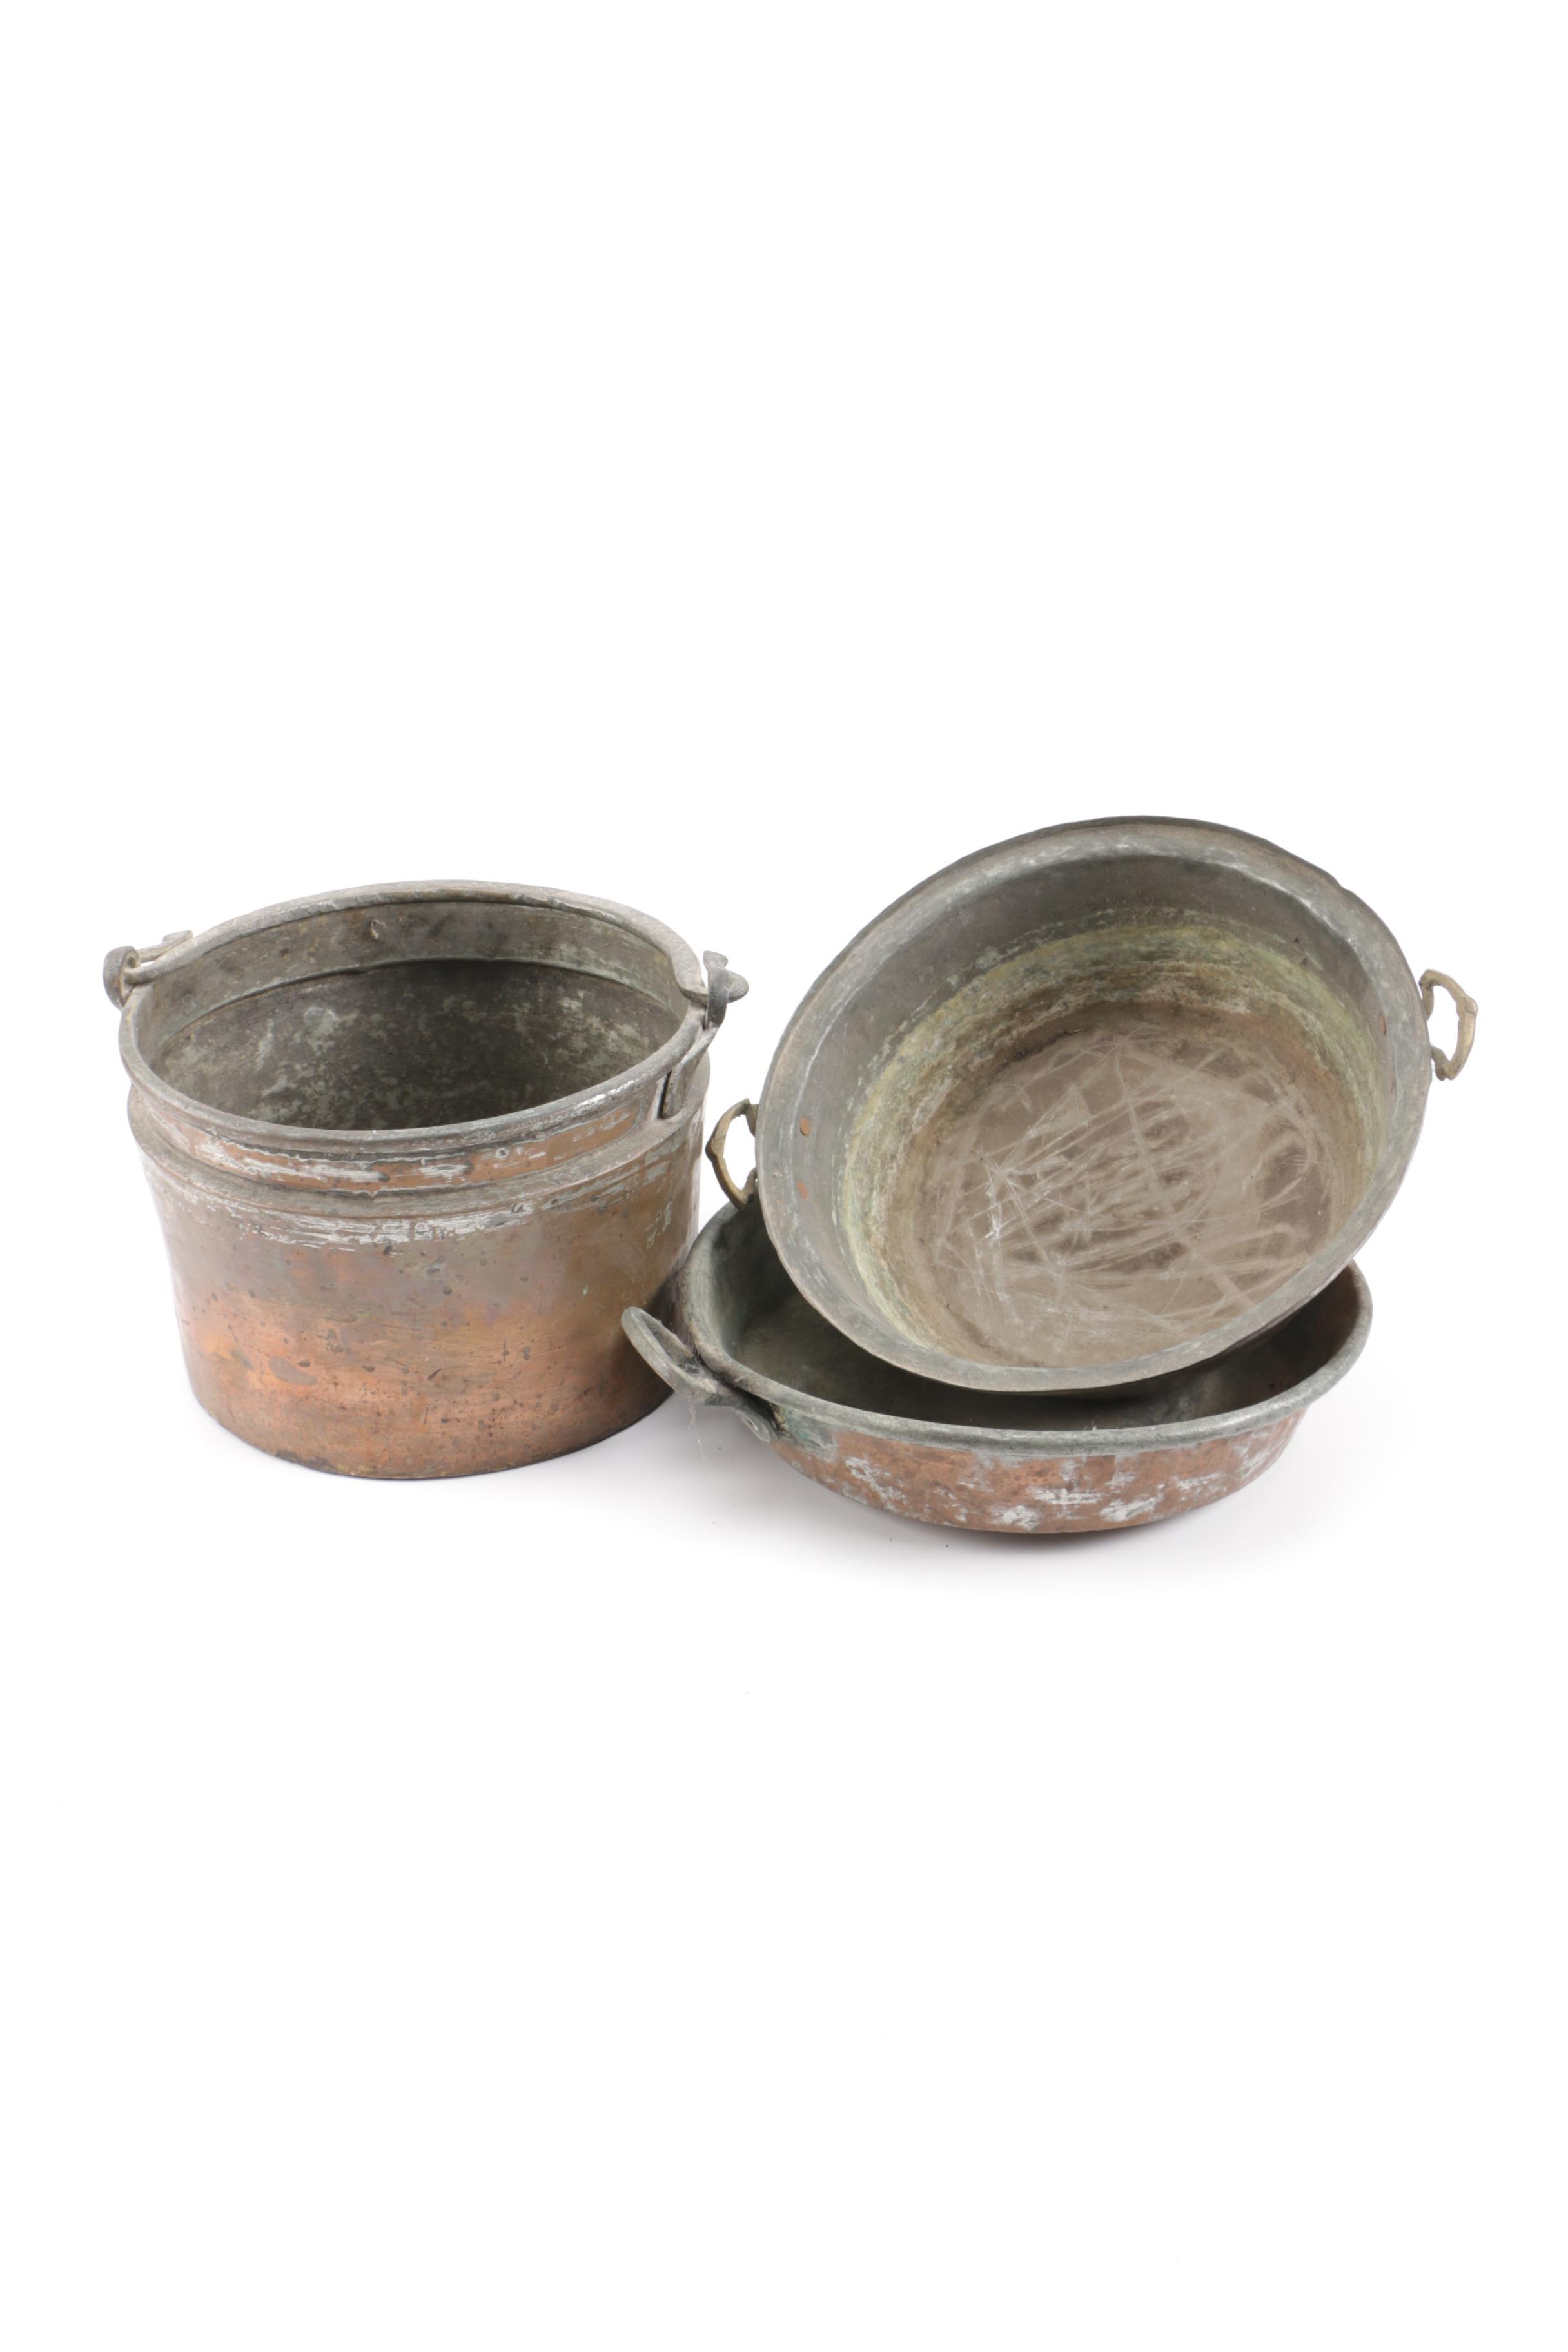 Vintage Copper Clad Bucket and Bowls